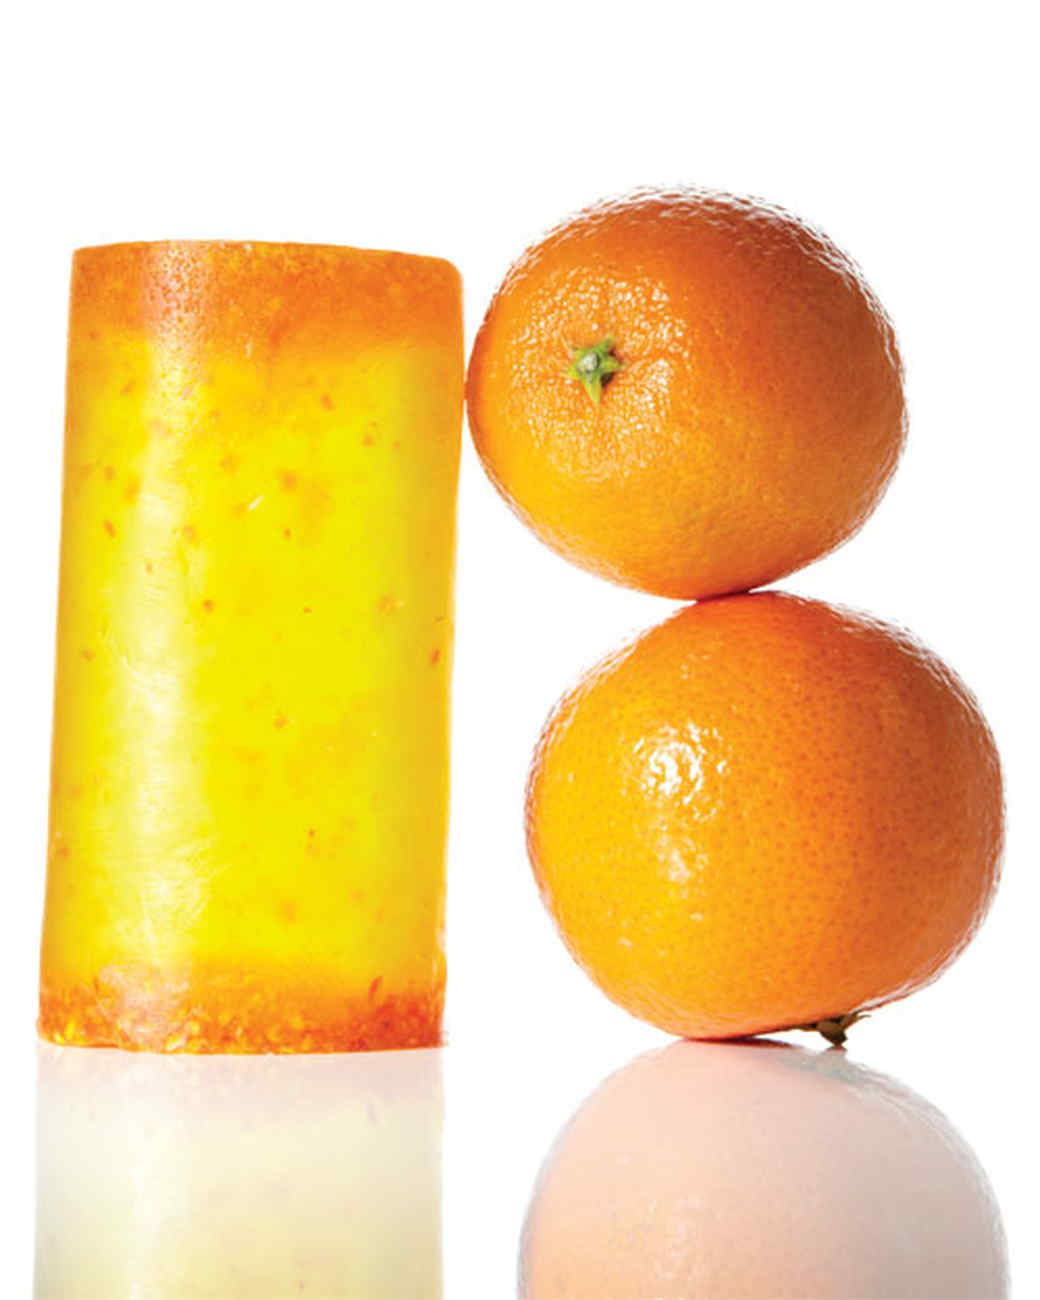 mld107006_0411_tangerine_soap.jpg